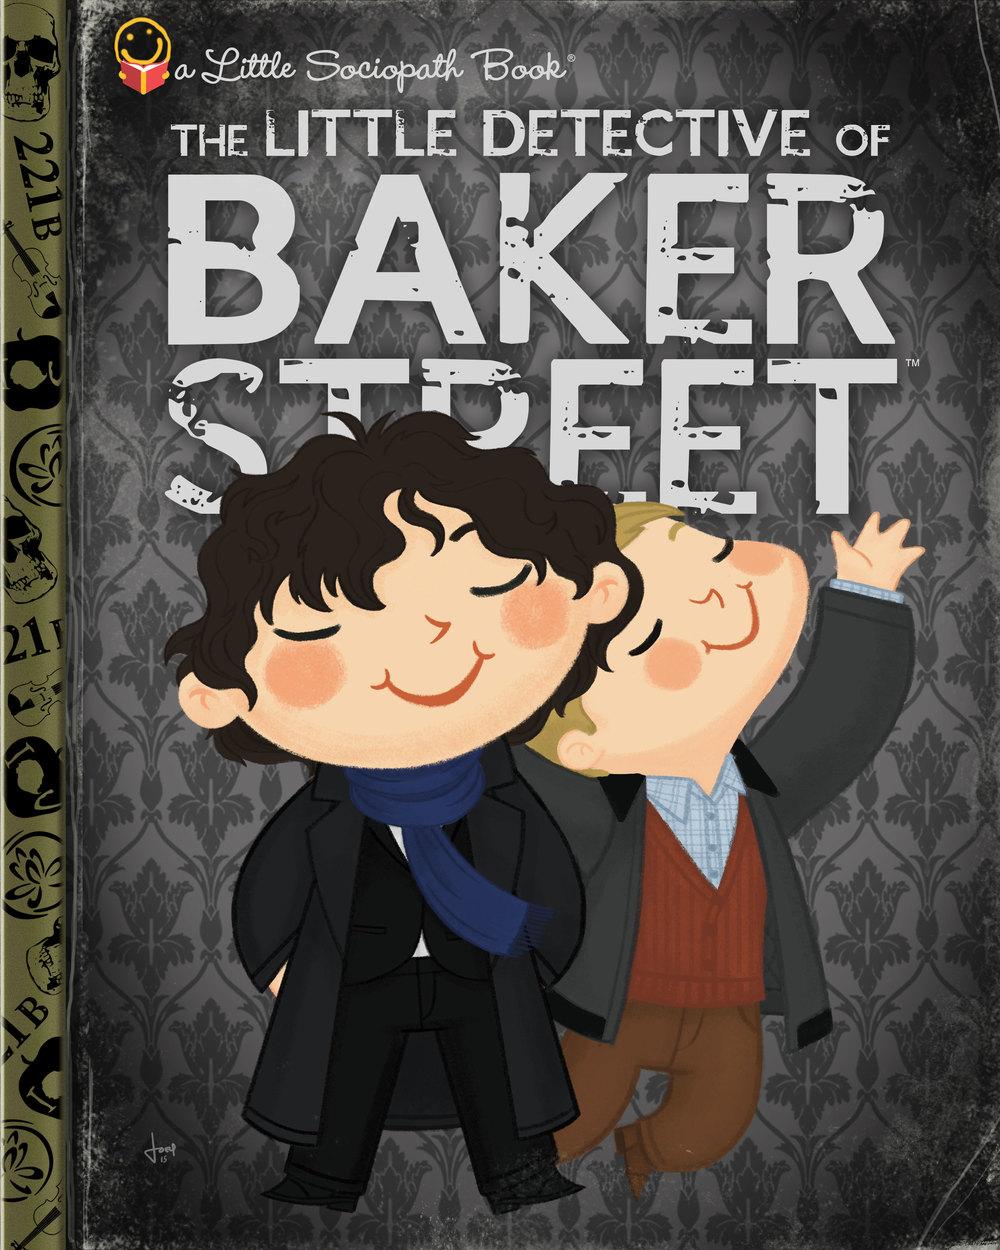 Sherlock-30.jpg